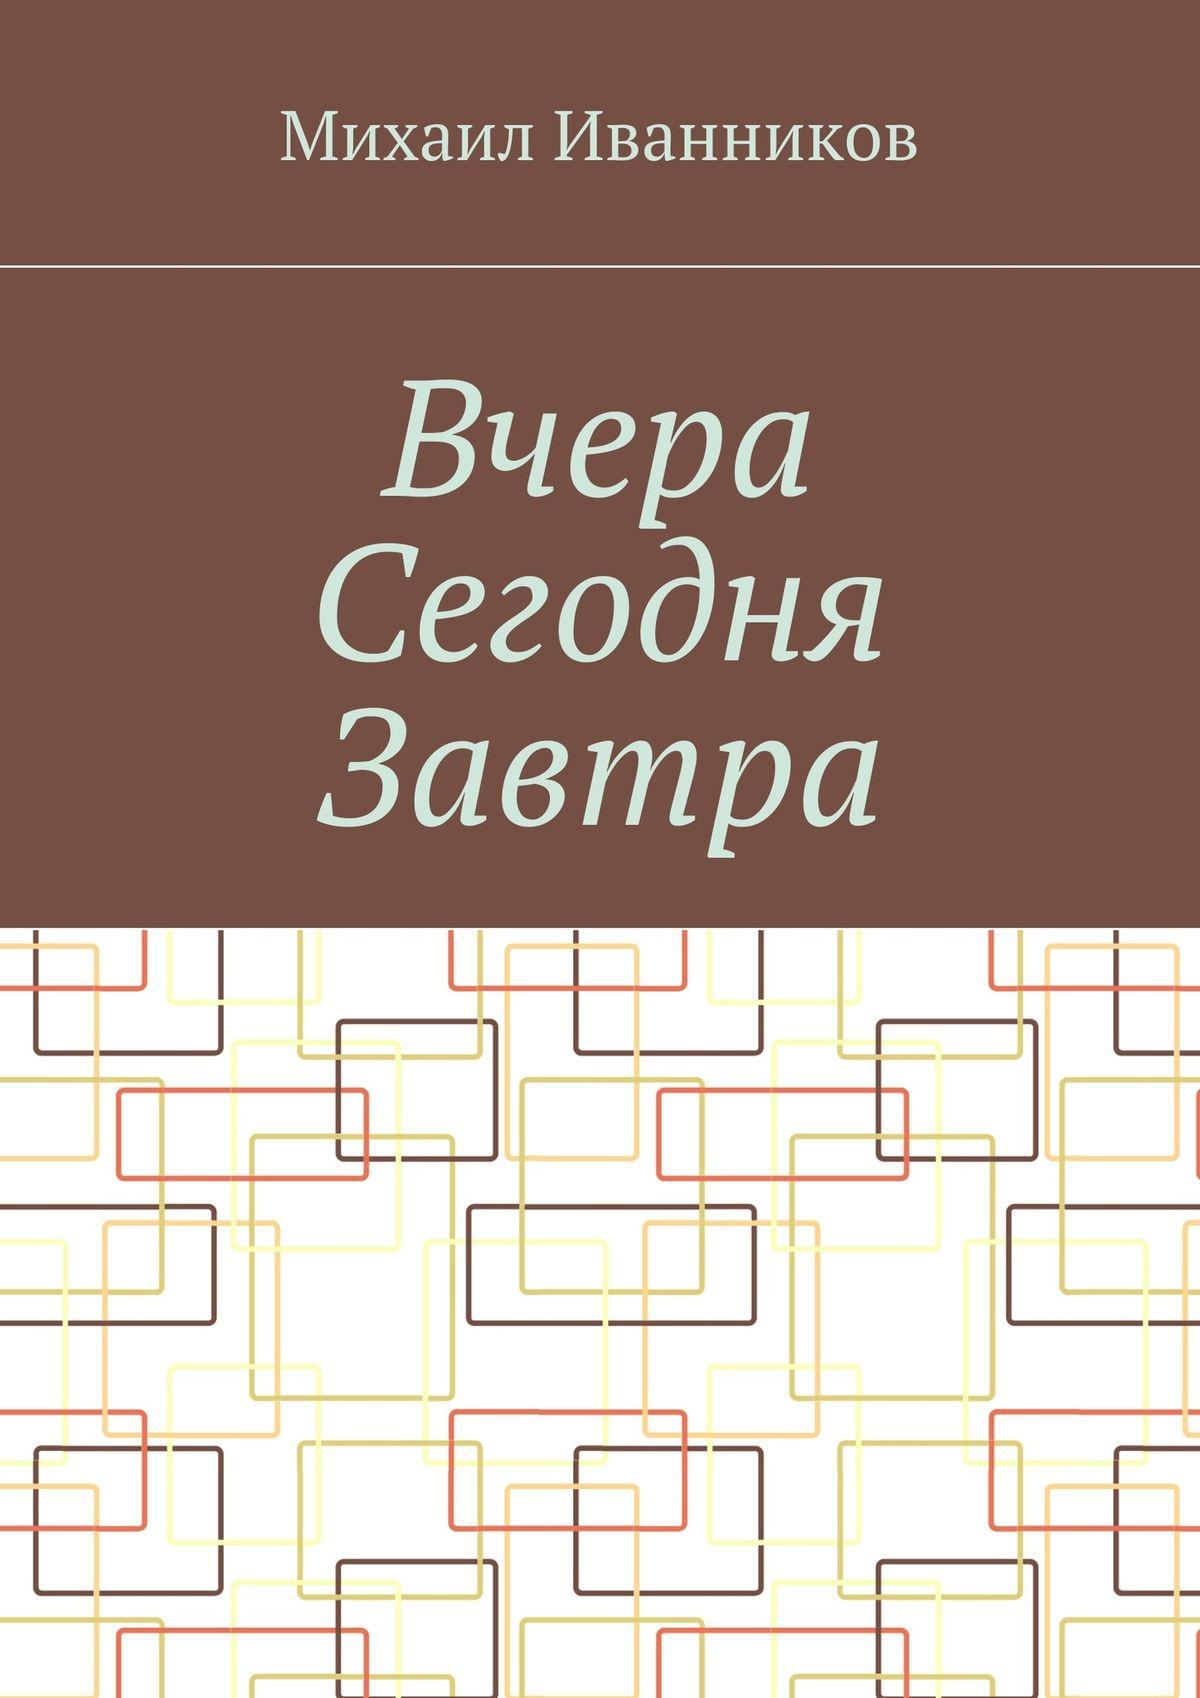 Михаил Иванников Вчера Сегодня Завтра